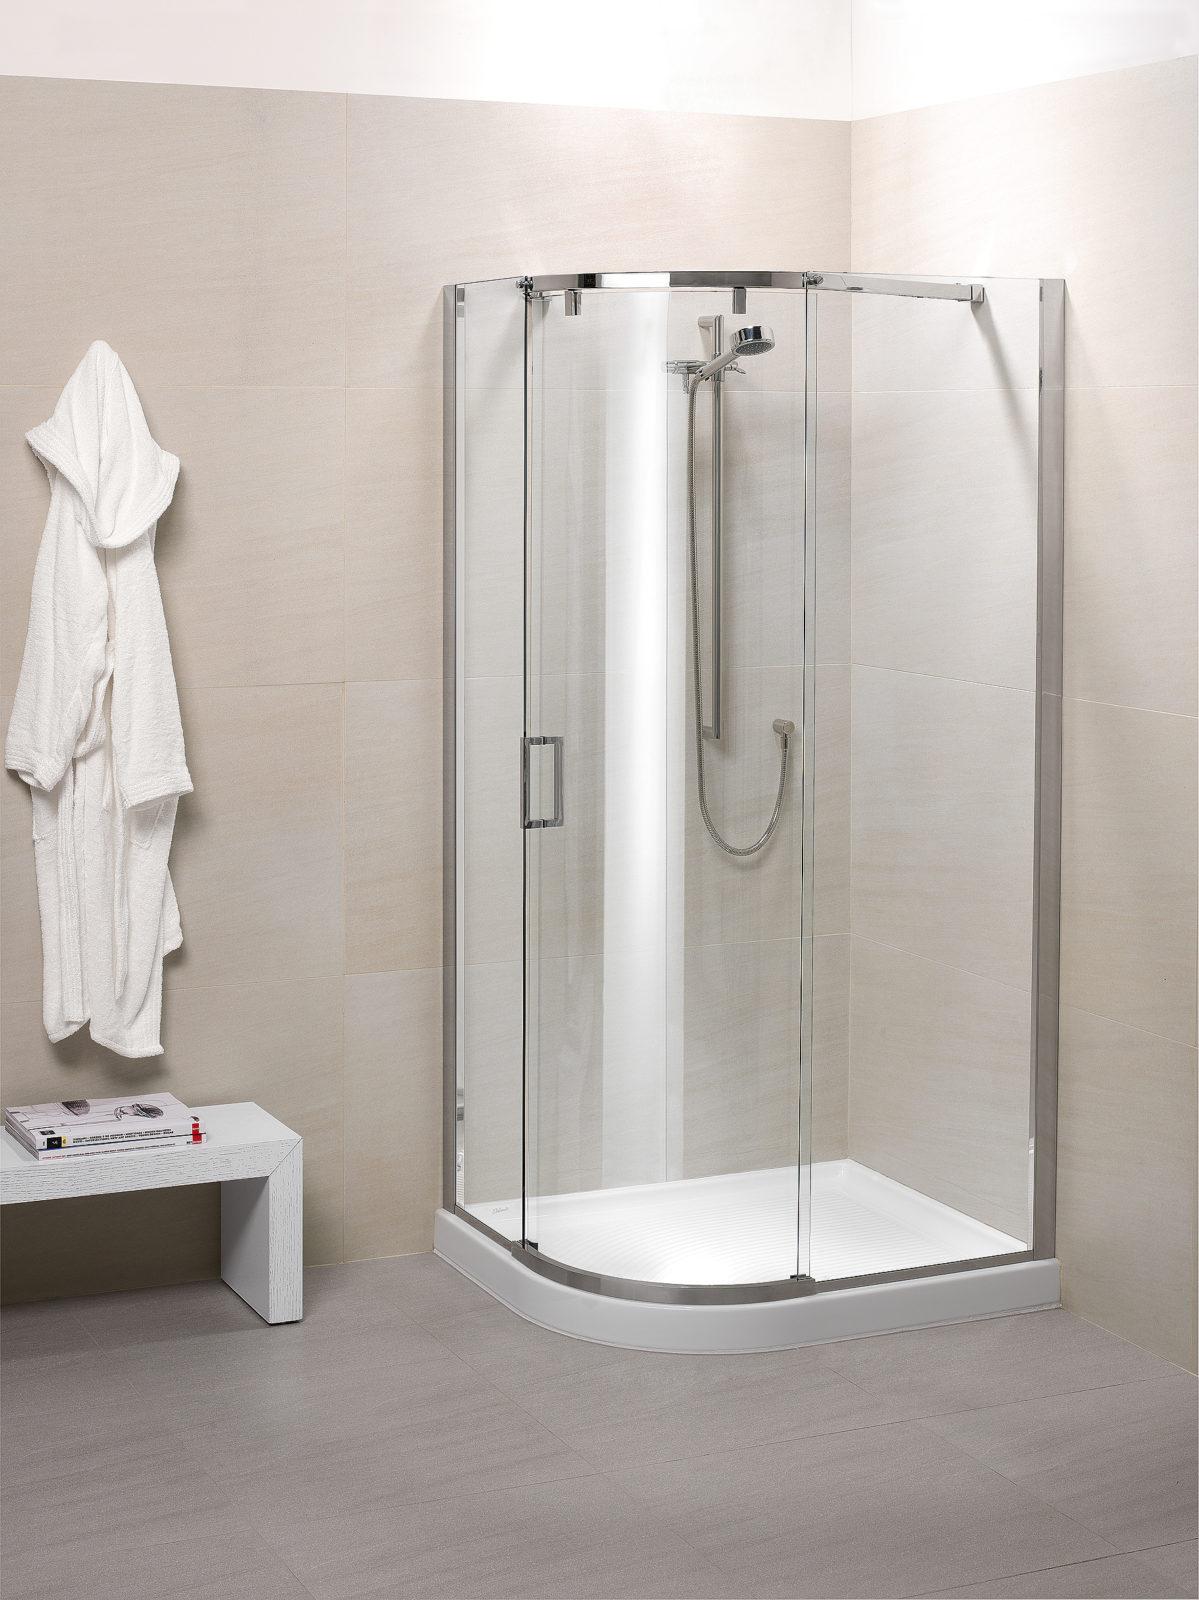 Cabine de douche porte coulissante avec verre courb Porte coulissante courbe